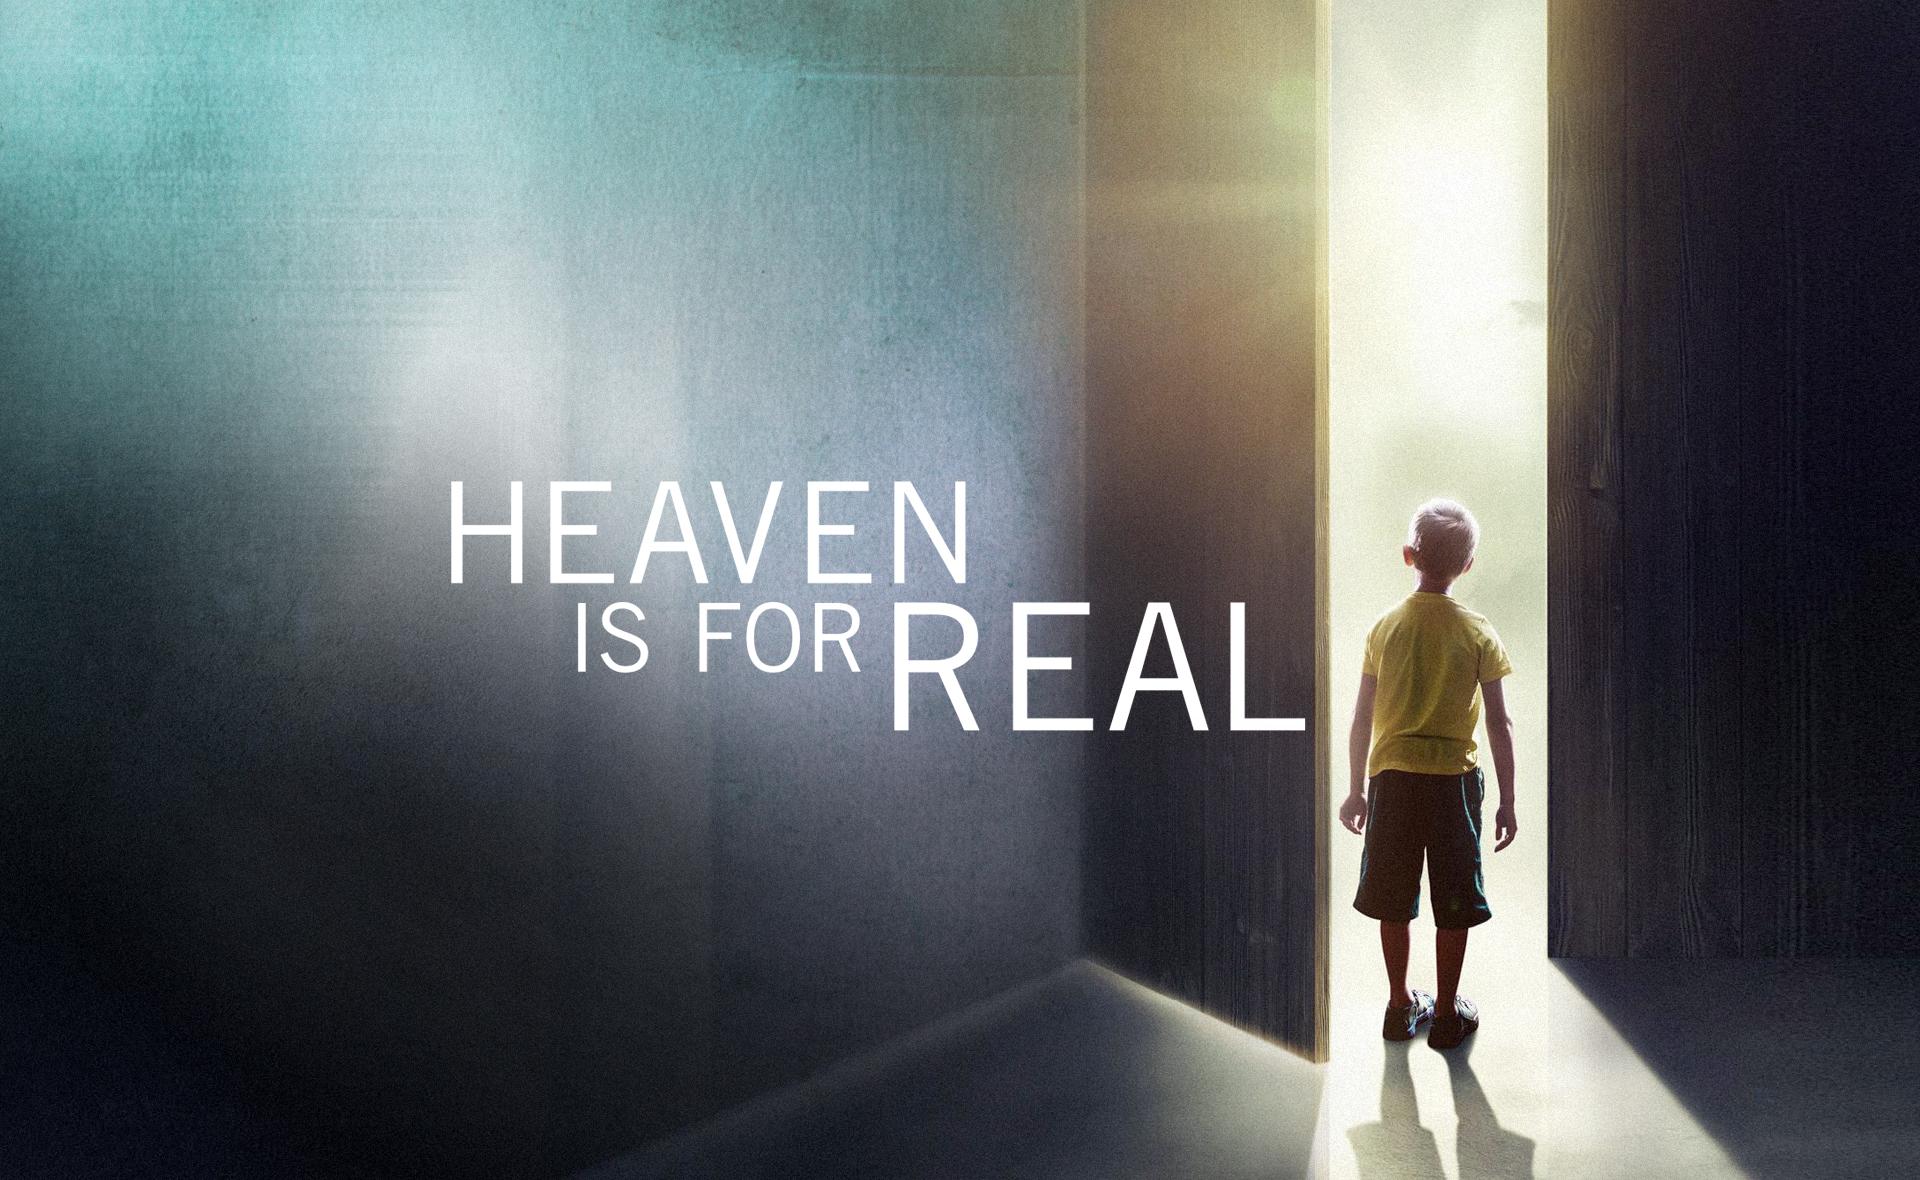 Paradisul există cu adevărat! Povestea copilului care a stat în brațele lui Isus